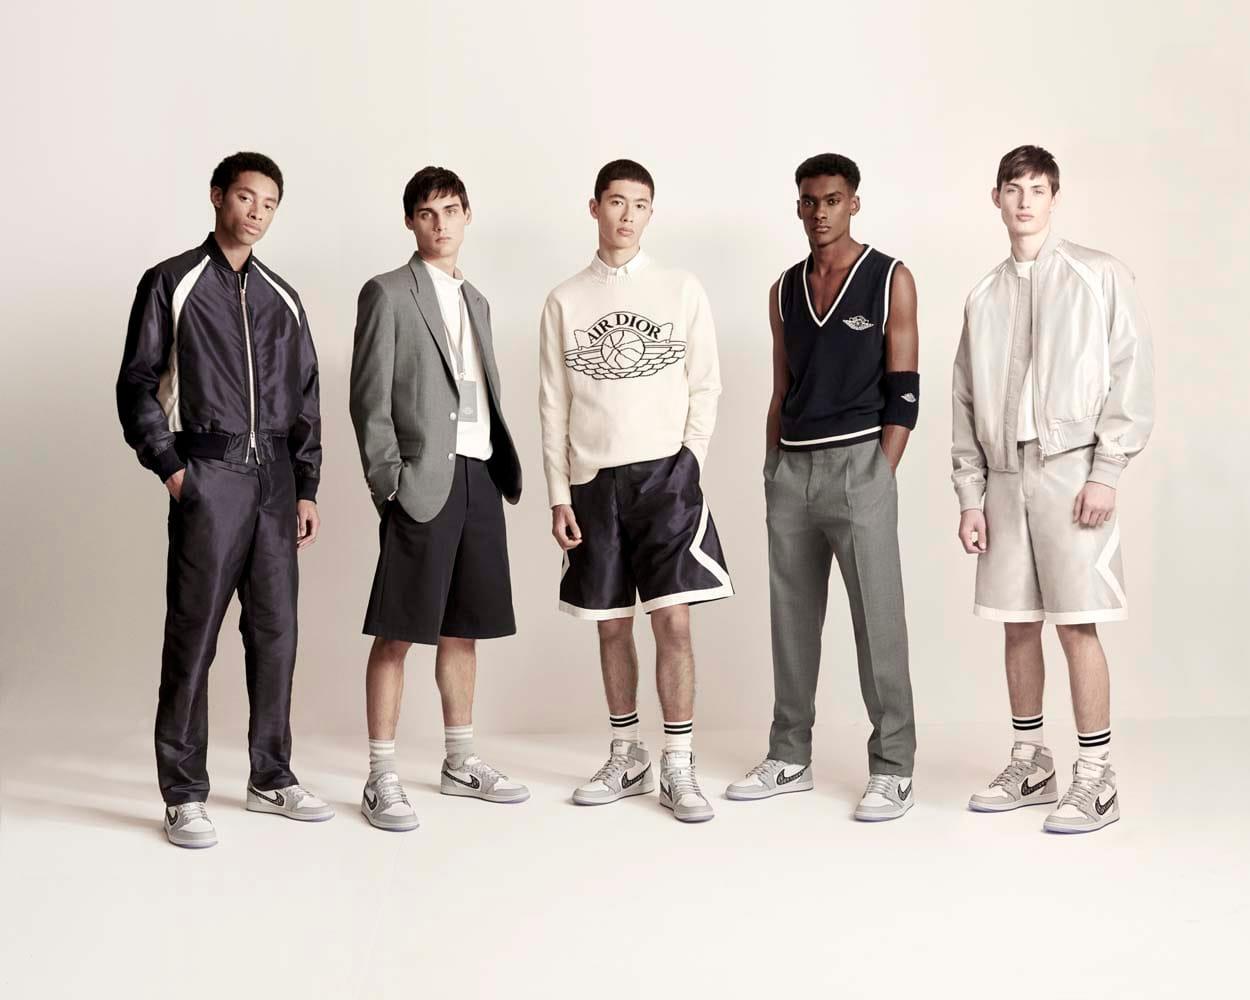 Air Jordan 1 Dior Sneakers Purchase